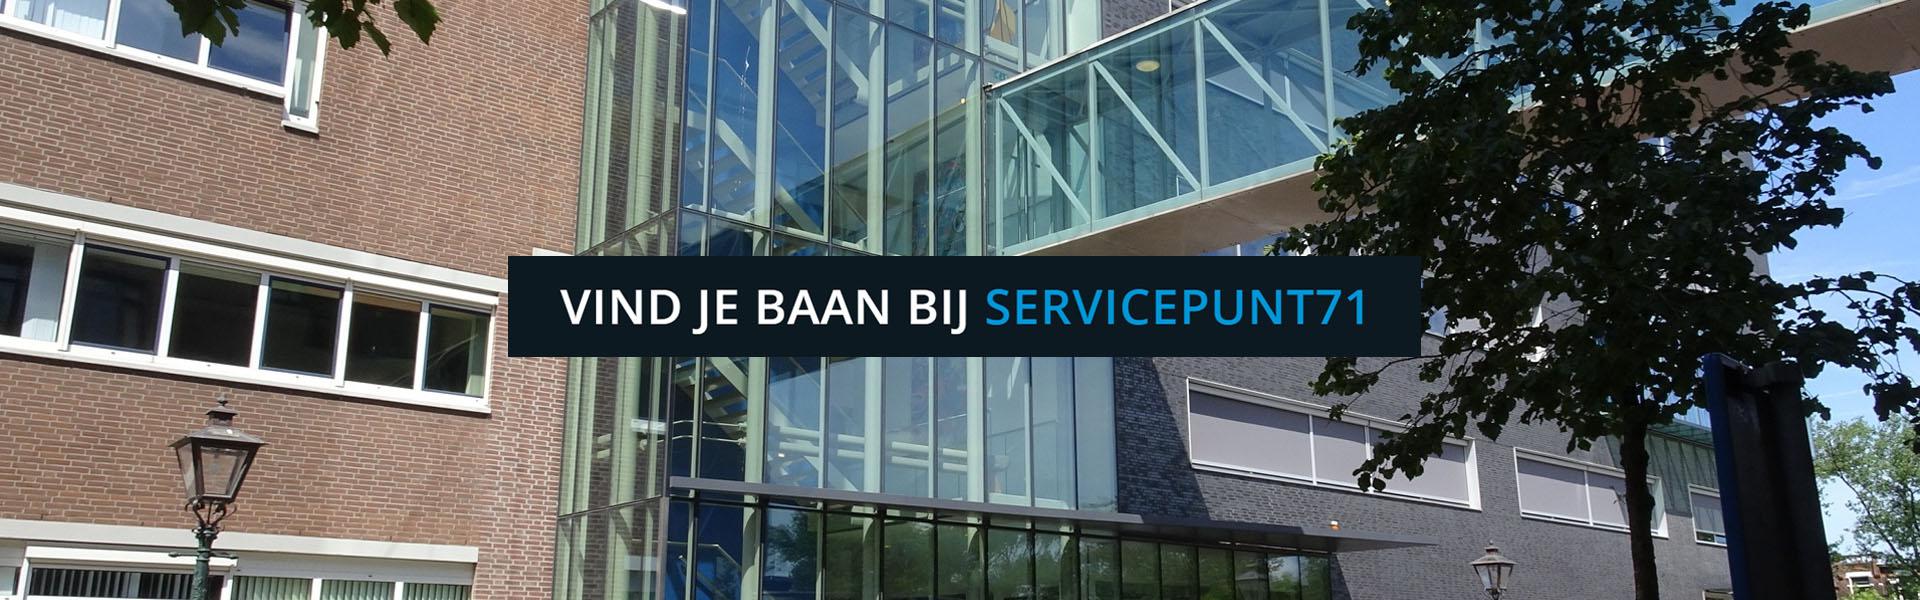 banner servicepunt71